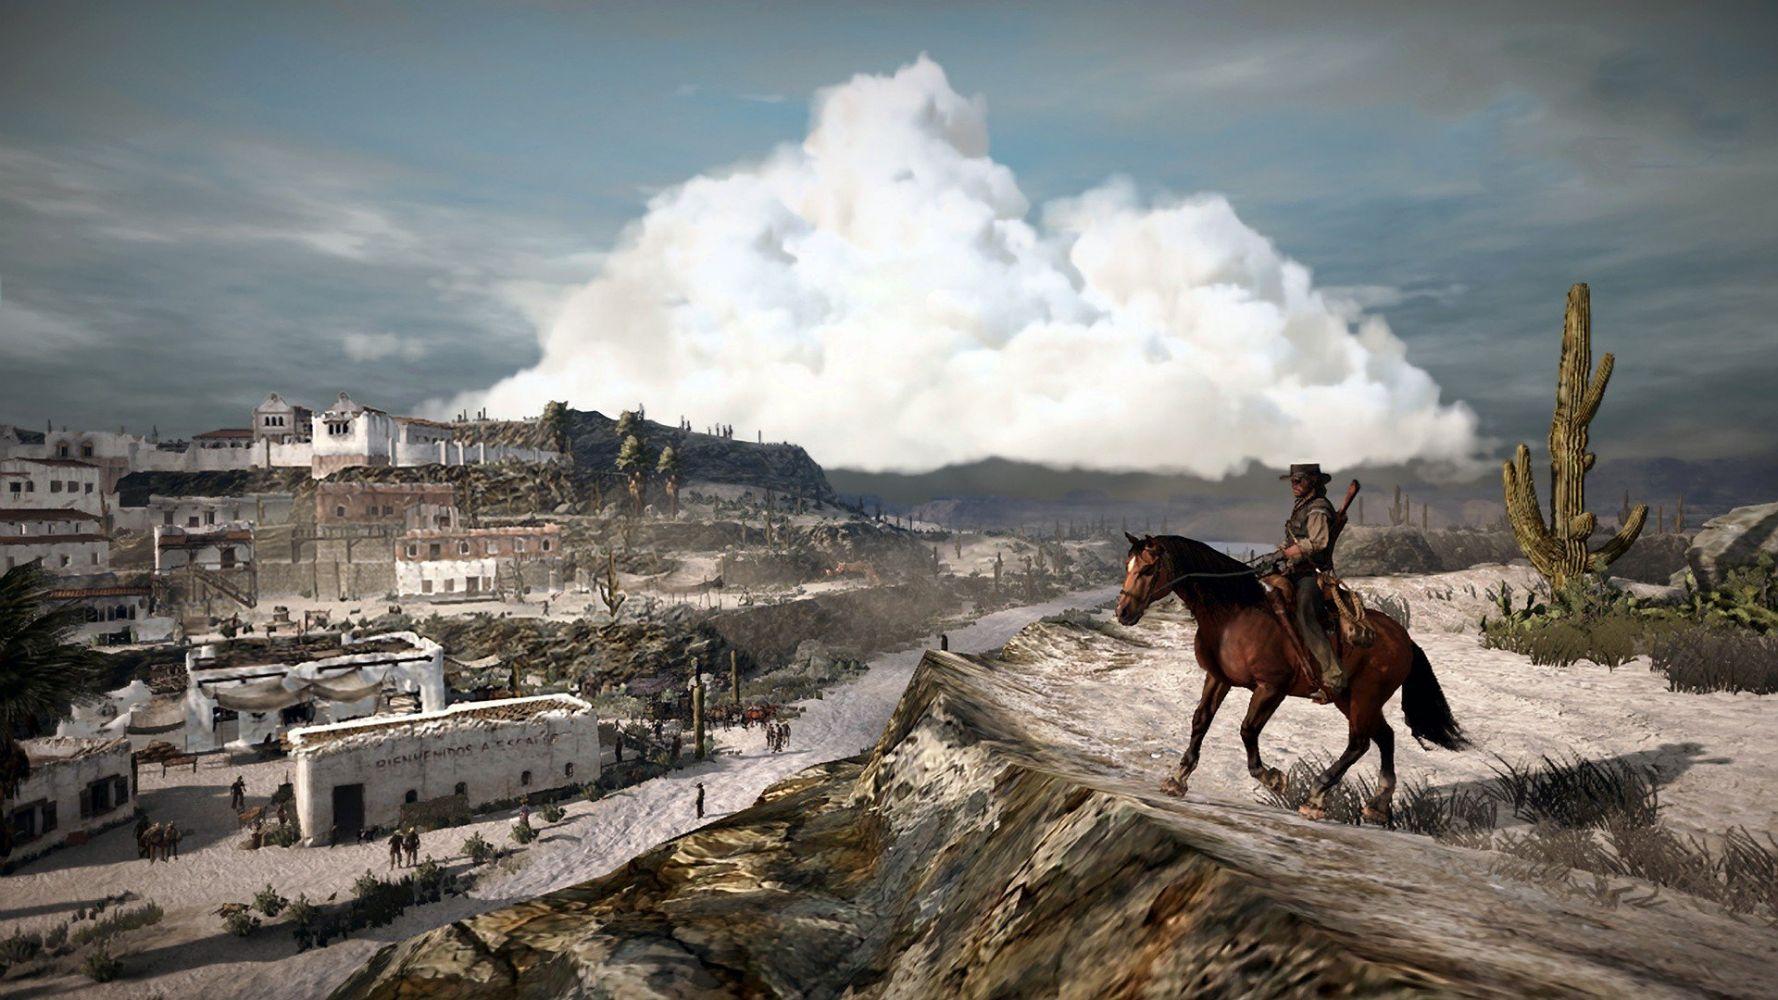 Red Dead Redemption Marston op paard in het wilde westen